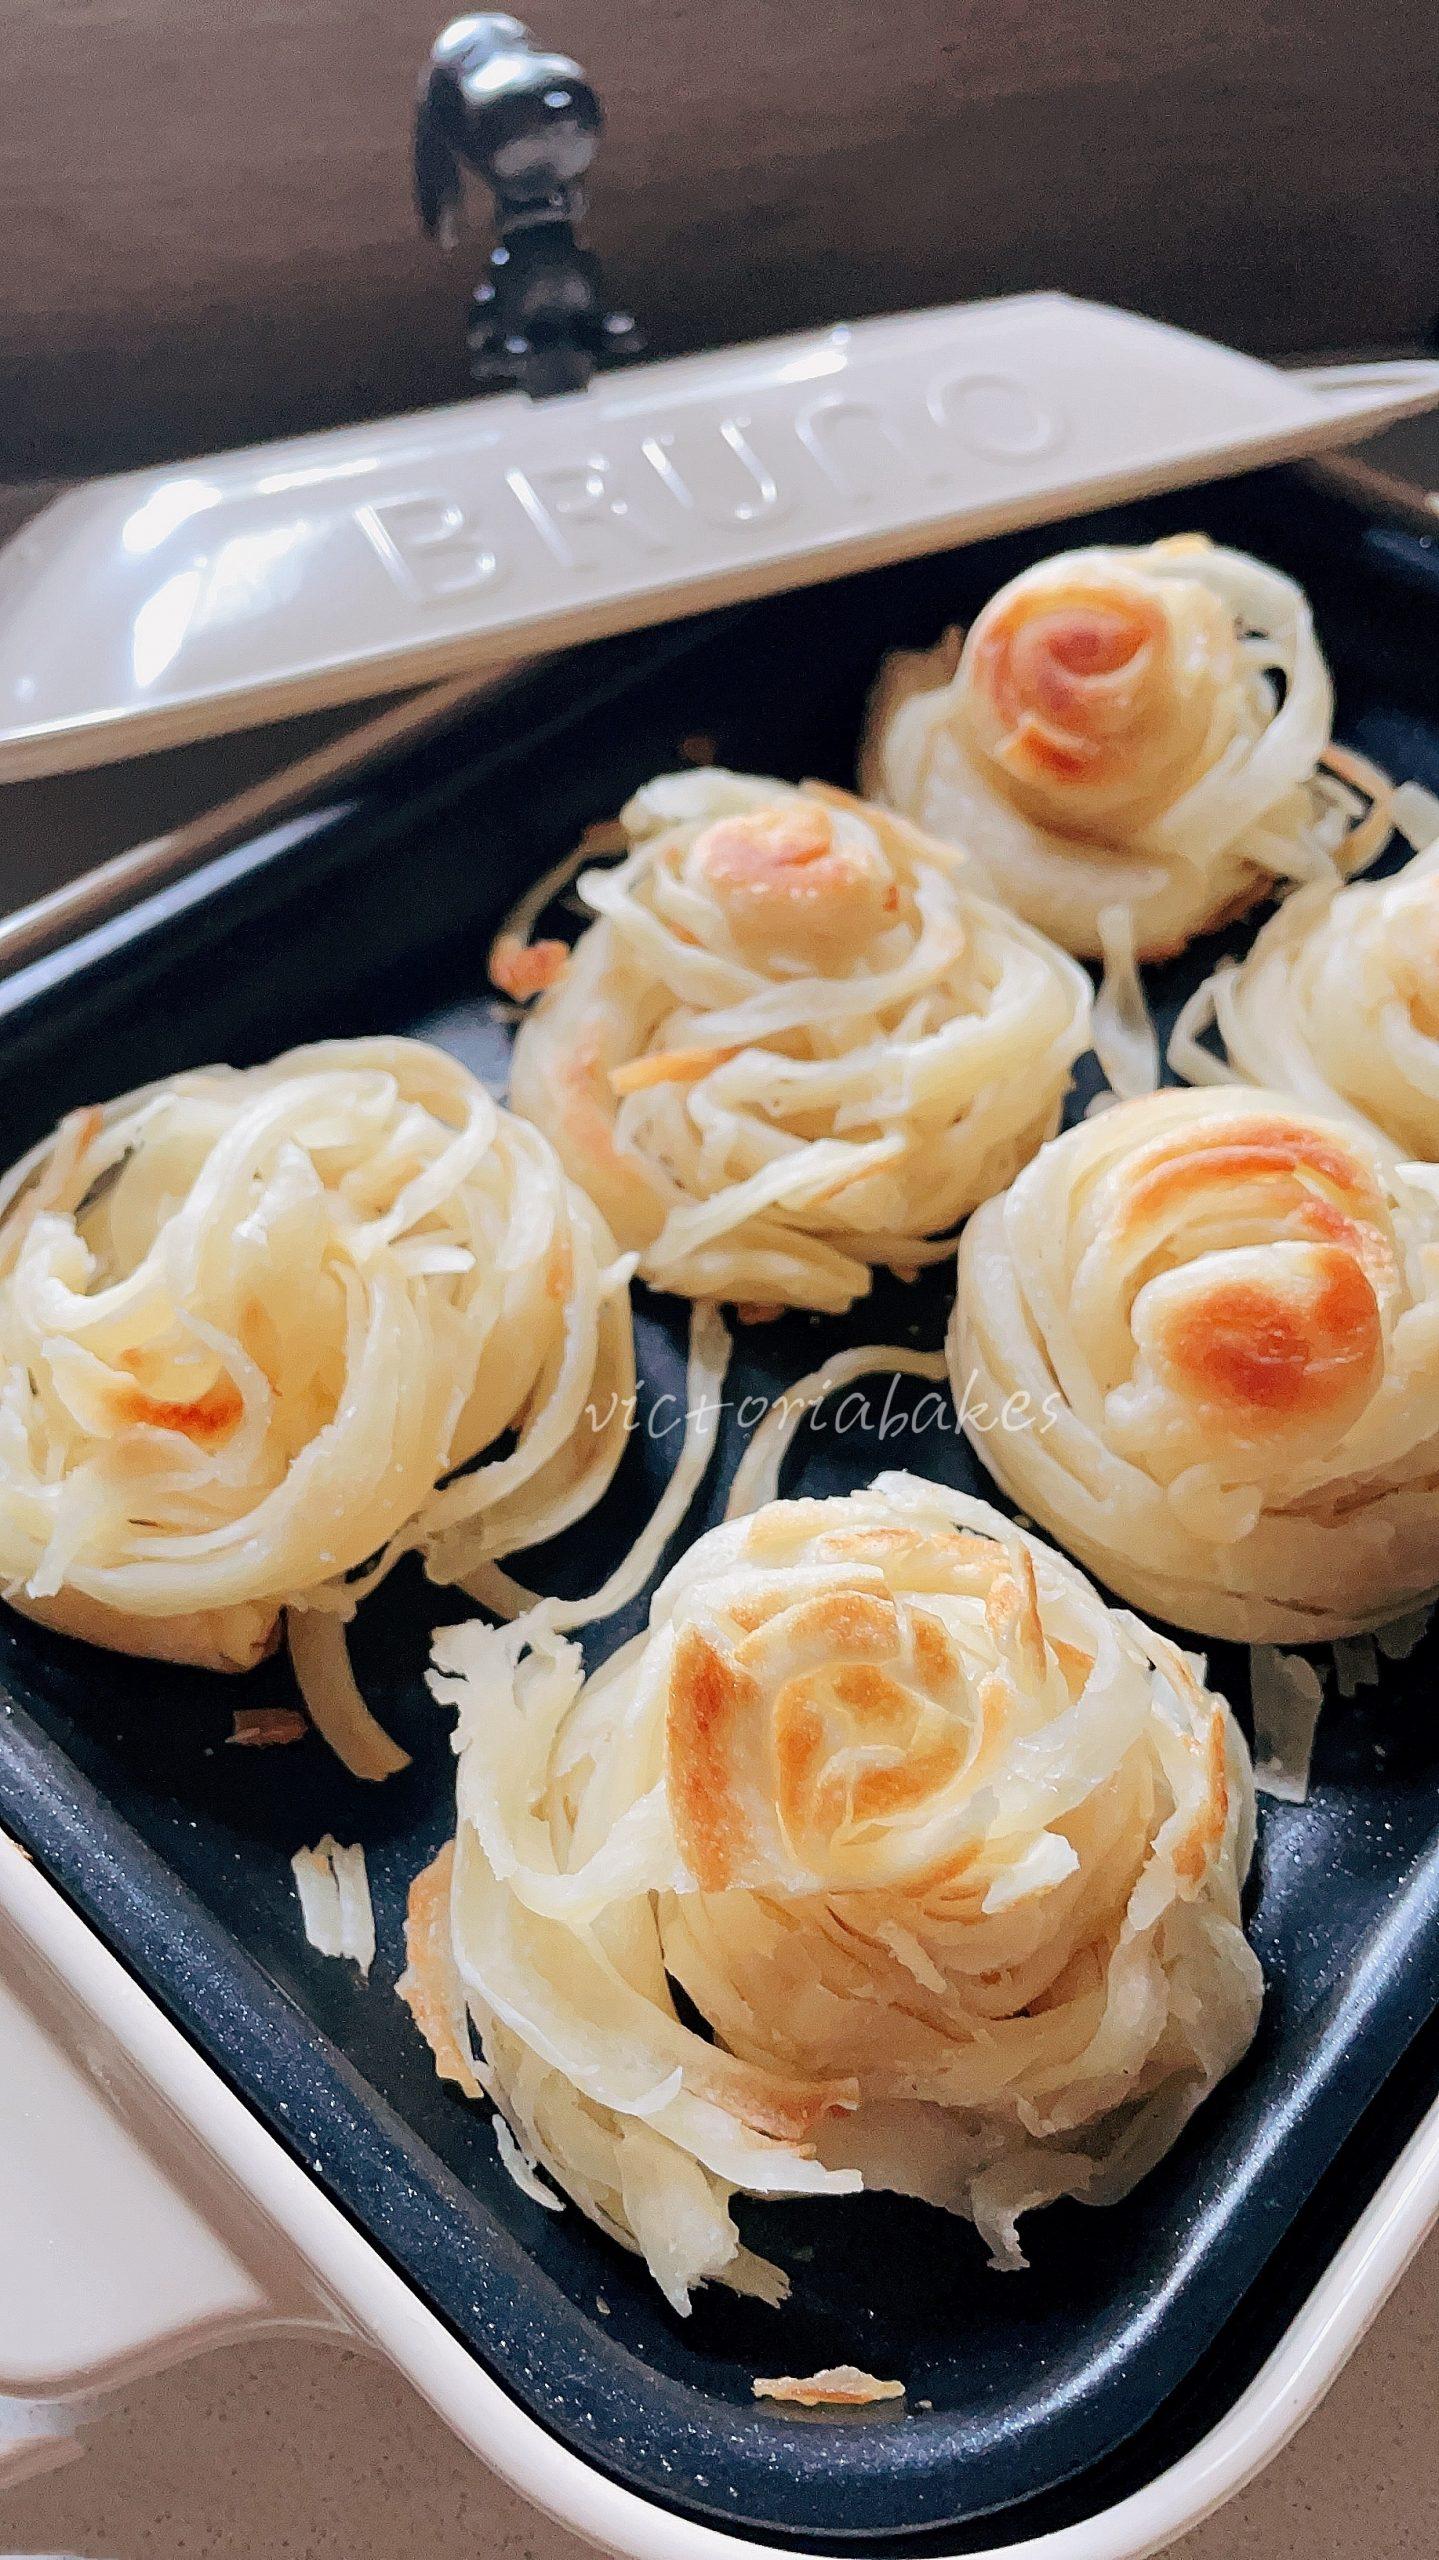 Golden spiral pancake